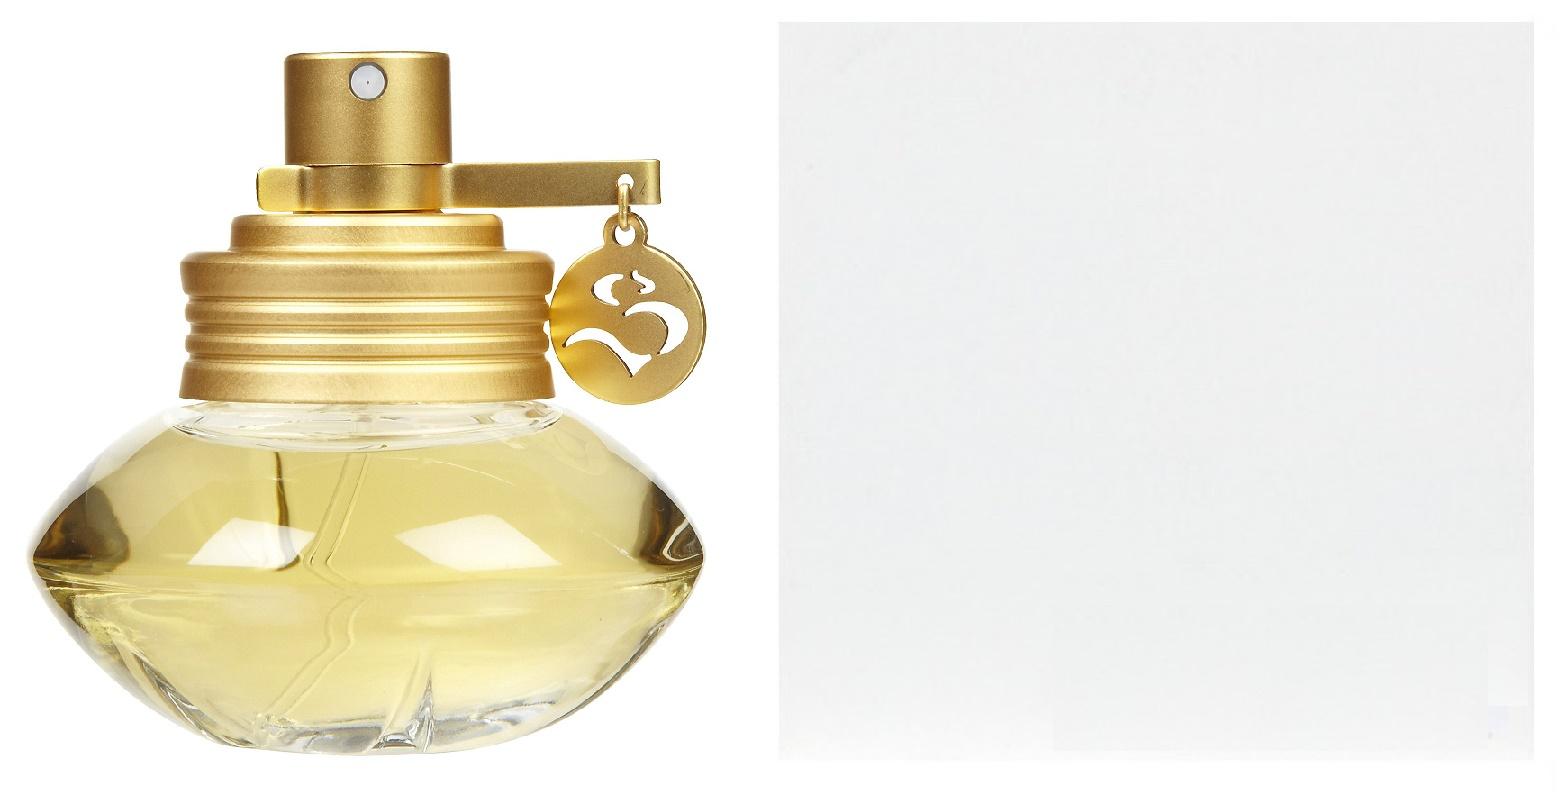 Shakira Scent S by Shakira, Toaletní voda - Tester, 80ml, Dámska vôňa, + AKCE: dárek zdarma